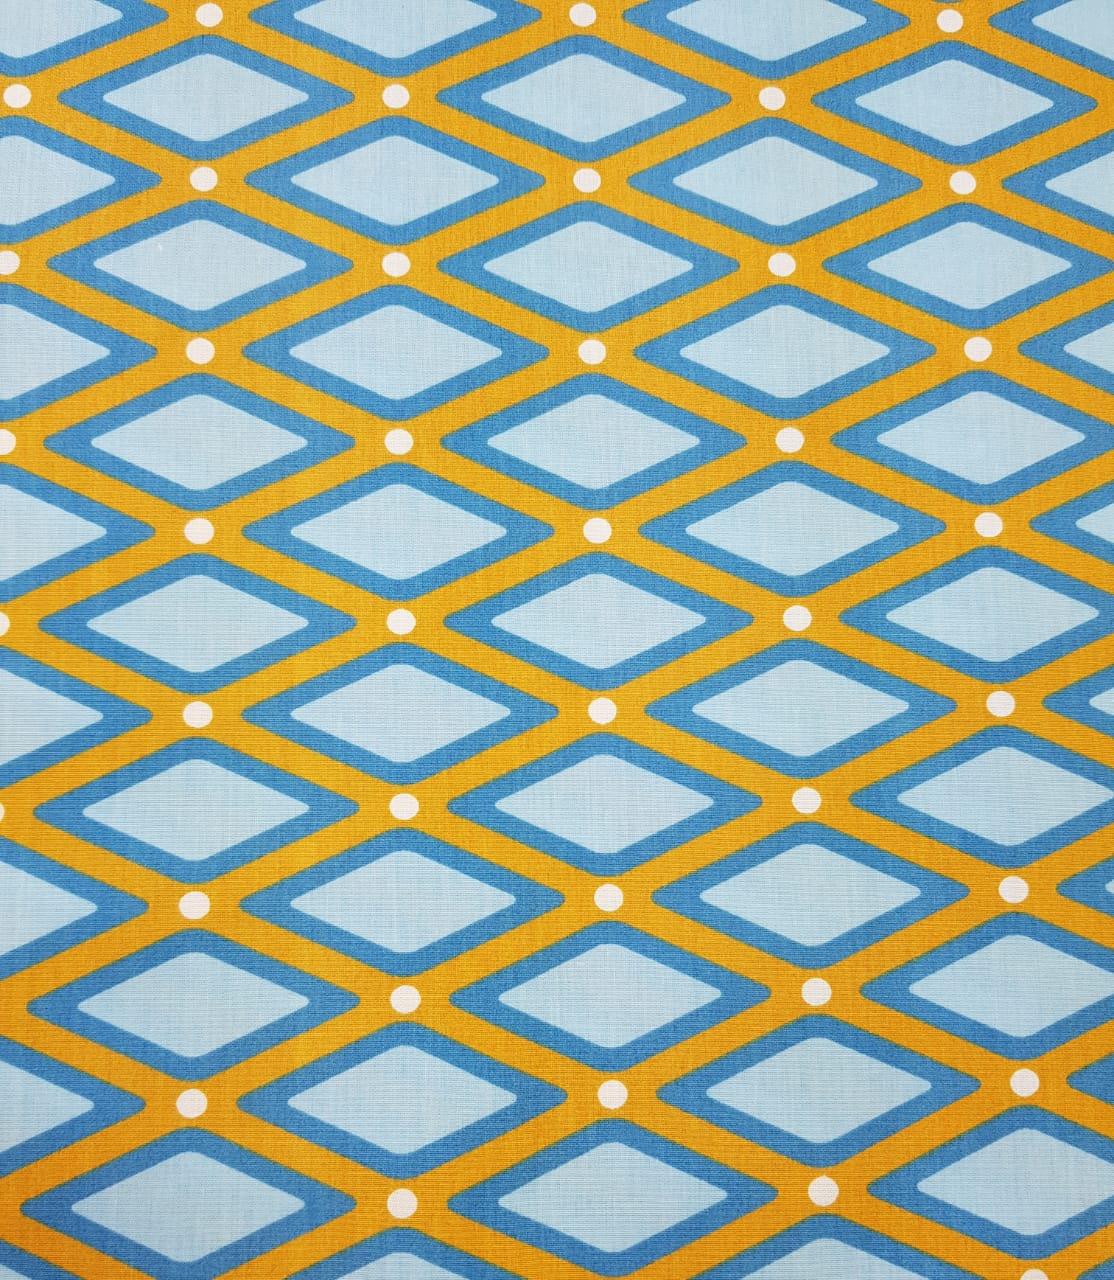 Tecido Nacional - Treliça - Amarelo c/azul